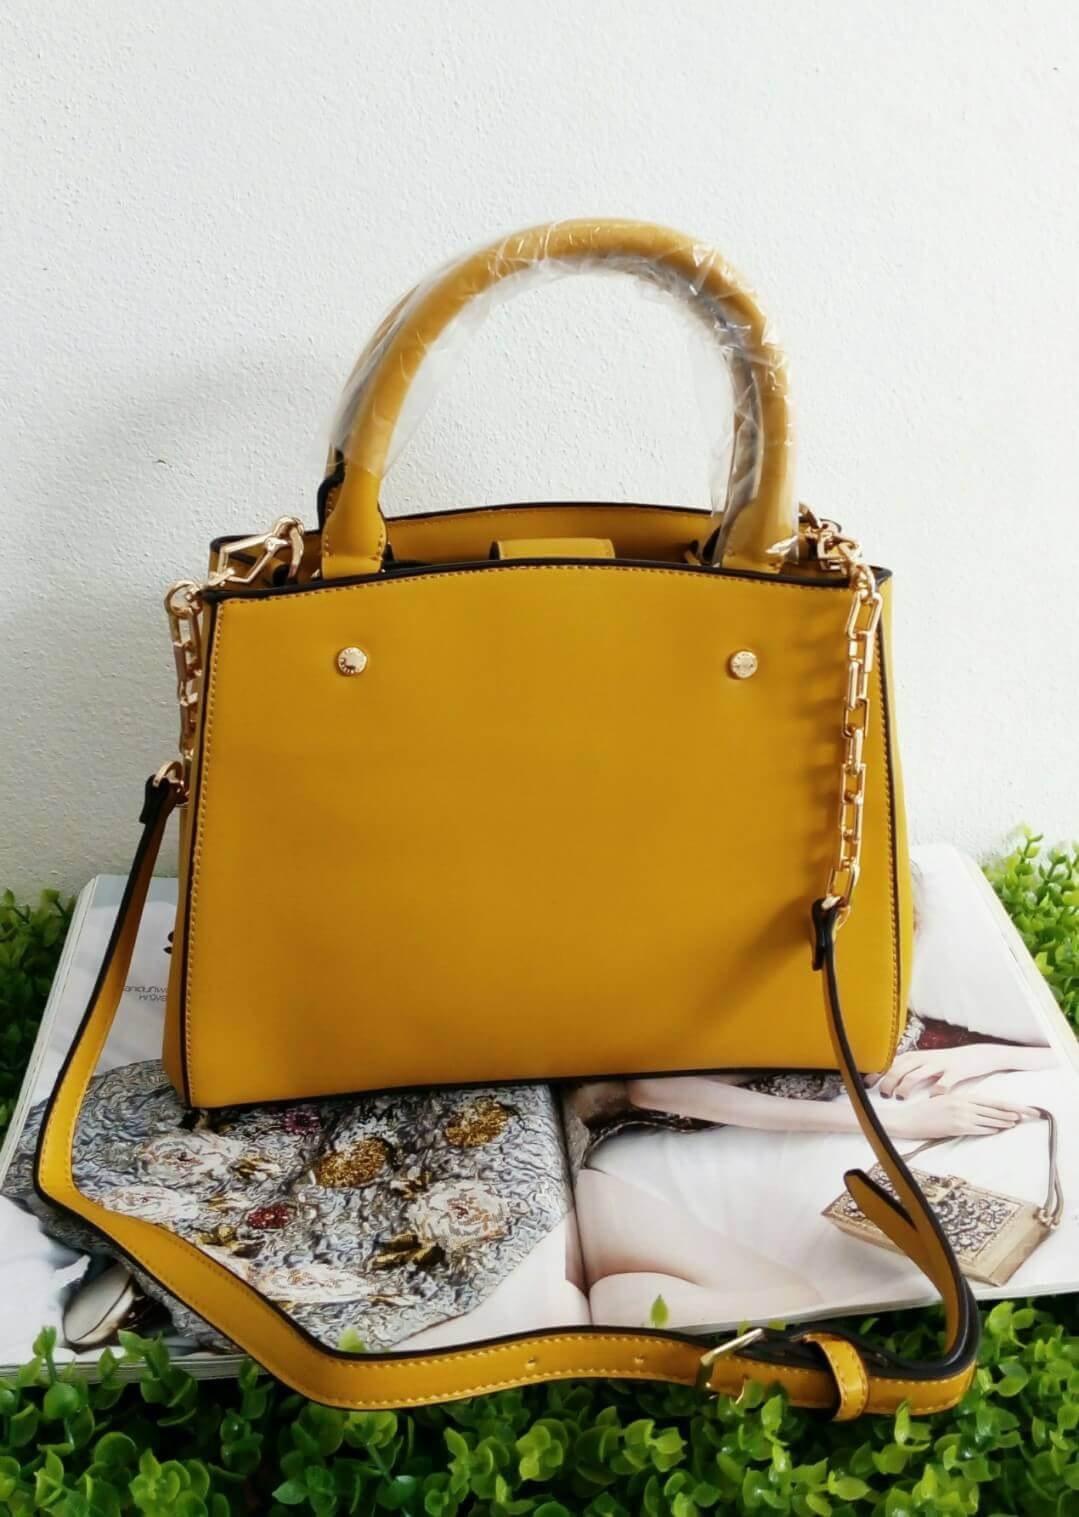 CHARLES & KEITH BAG กระเป๋าทรงแข็ง ตั้งทรงสวย หนังสวยมากๆ